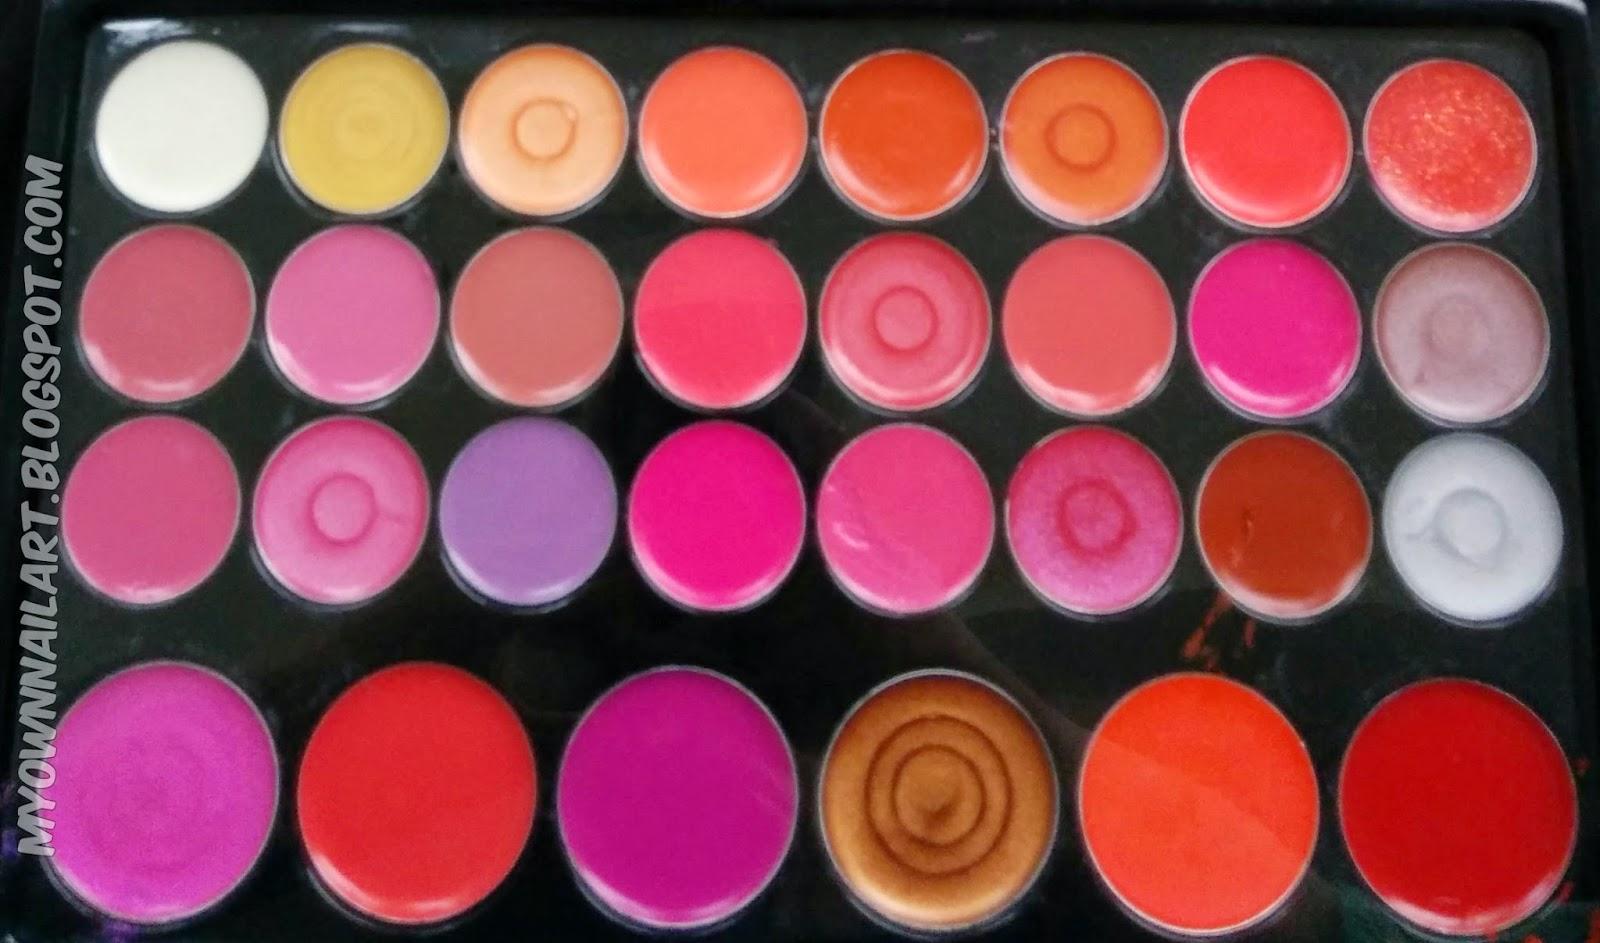 Born Pretty 30 Color Lip Gloss Gel Lip stick Makeup Cosmetic Mirror